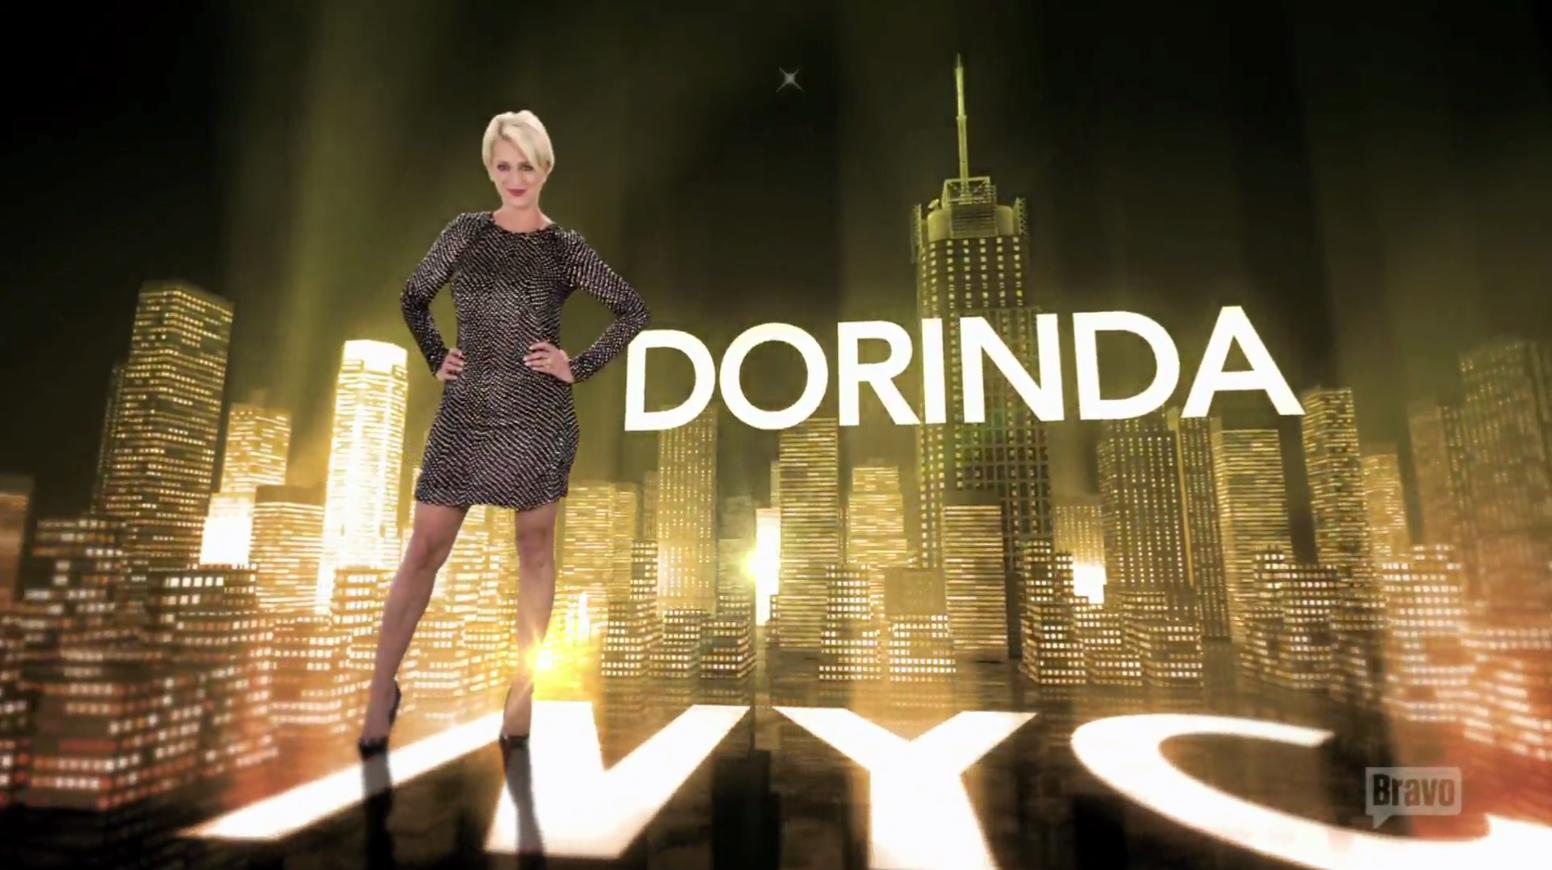 dorinda-medley-season-8-tagline